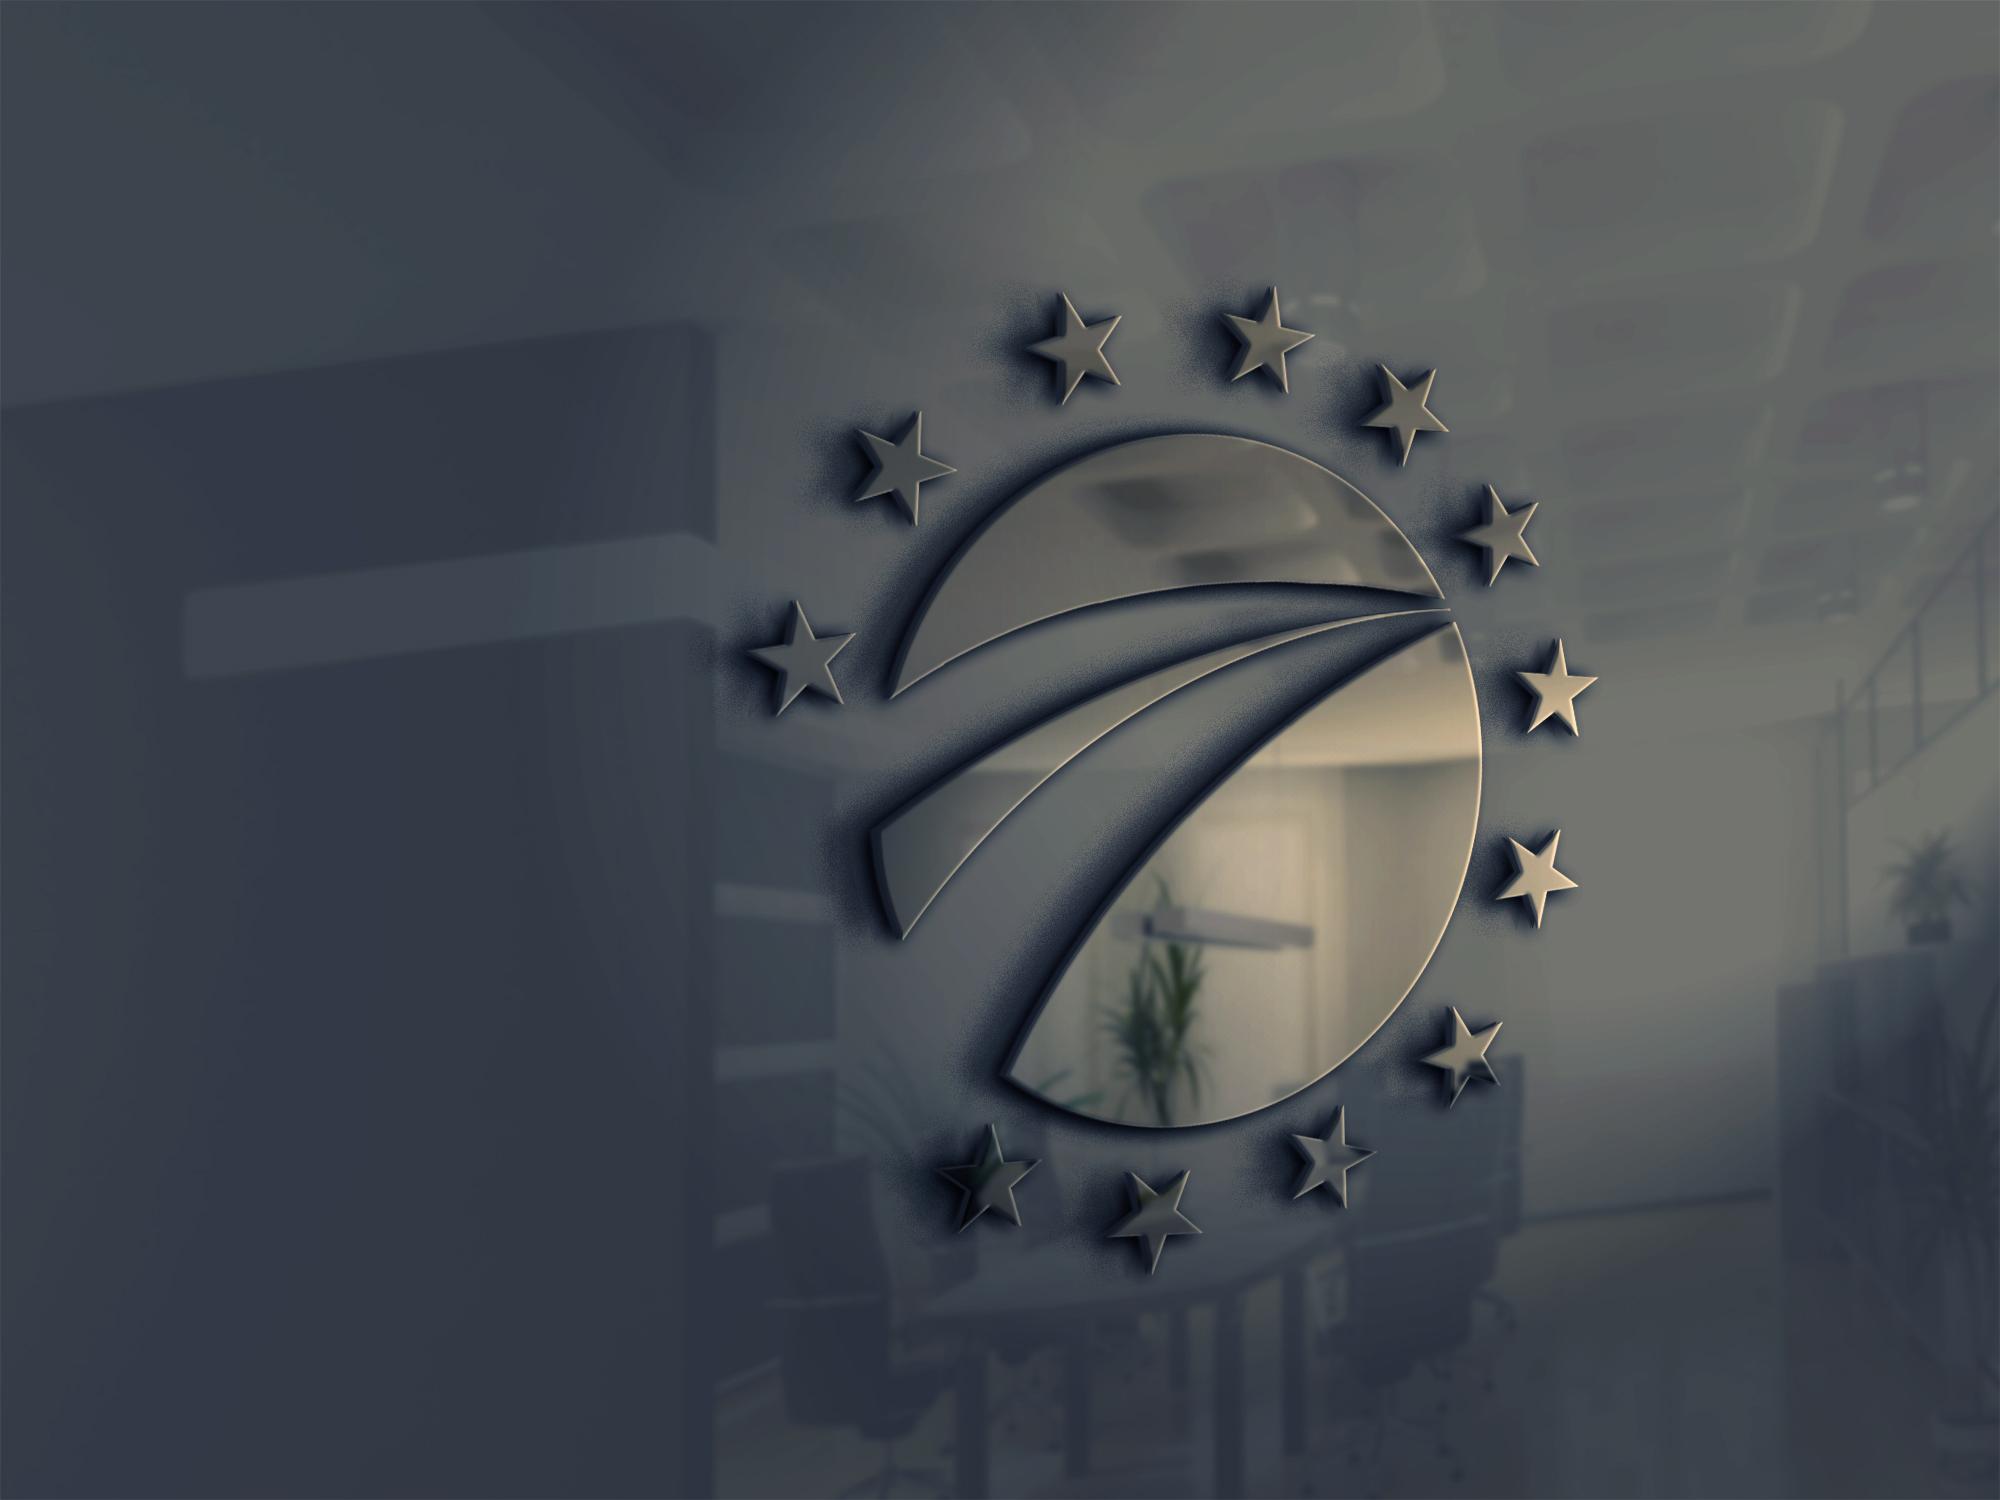 Предложите эволюцию логотипа экспедиторской компании  фото f_6385902731965ac3.jpg